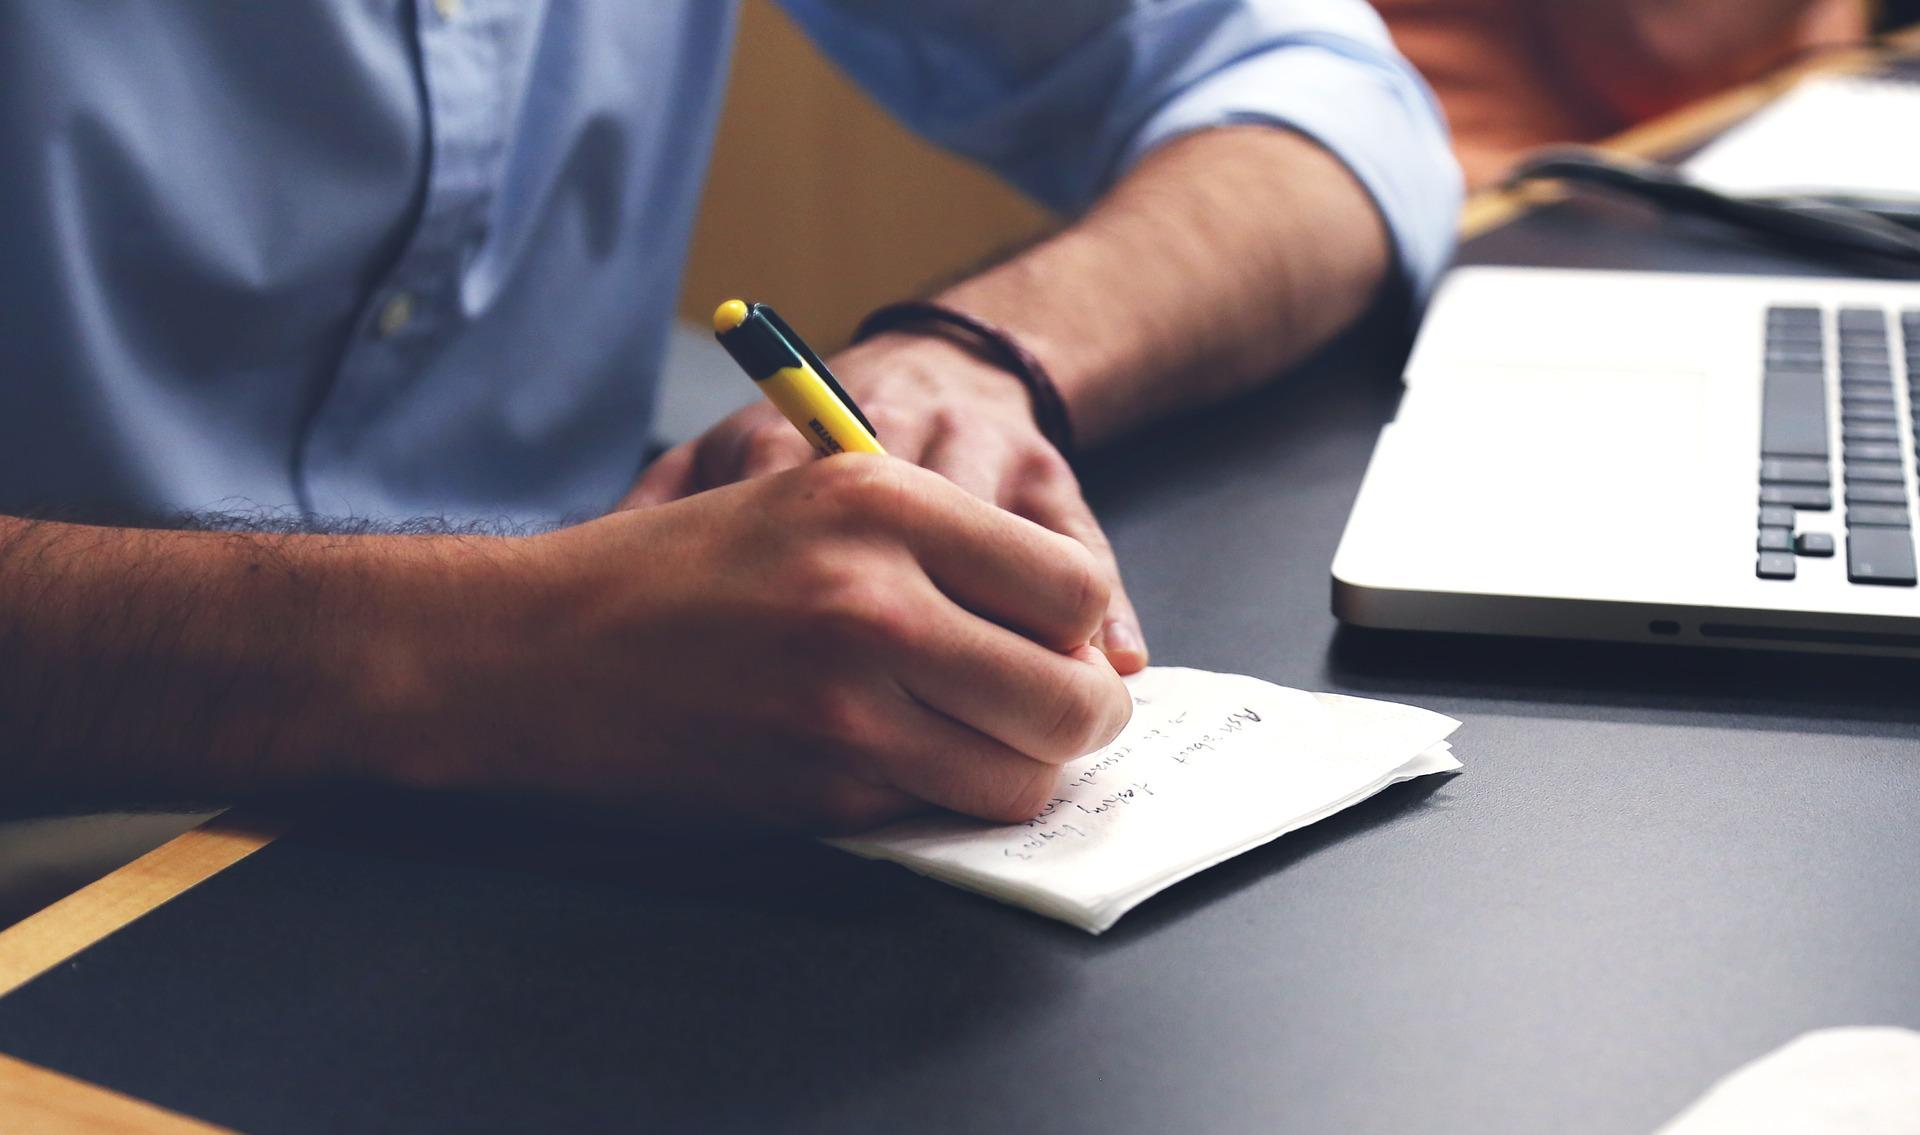 Nie wiesz jak sporządzić pismo reklamacyjne lub inne pismo związane z zakupami internetowymi? Koniecznie przeczytaj ten tekst!